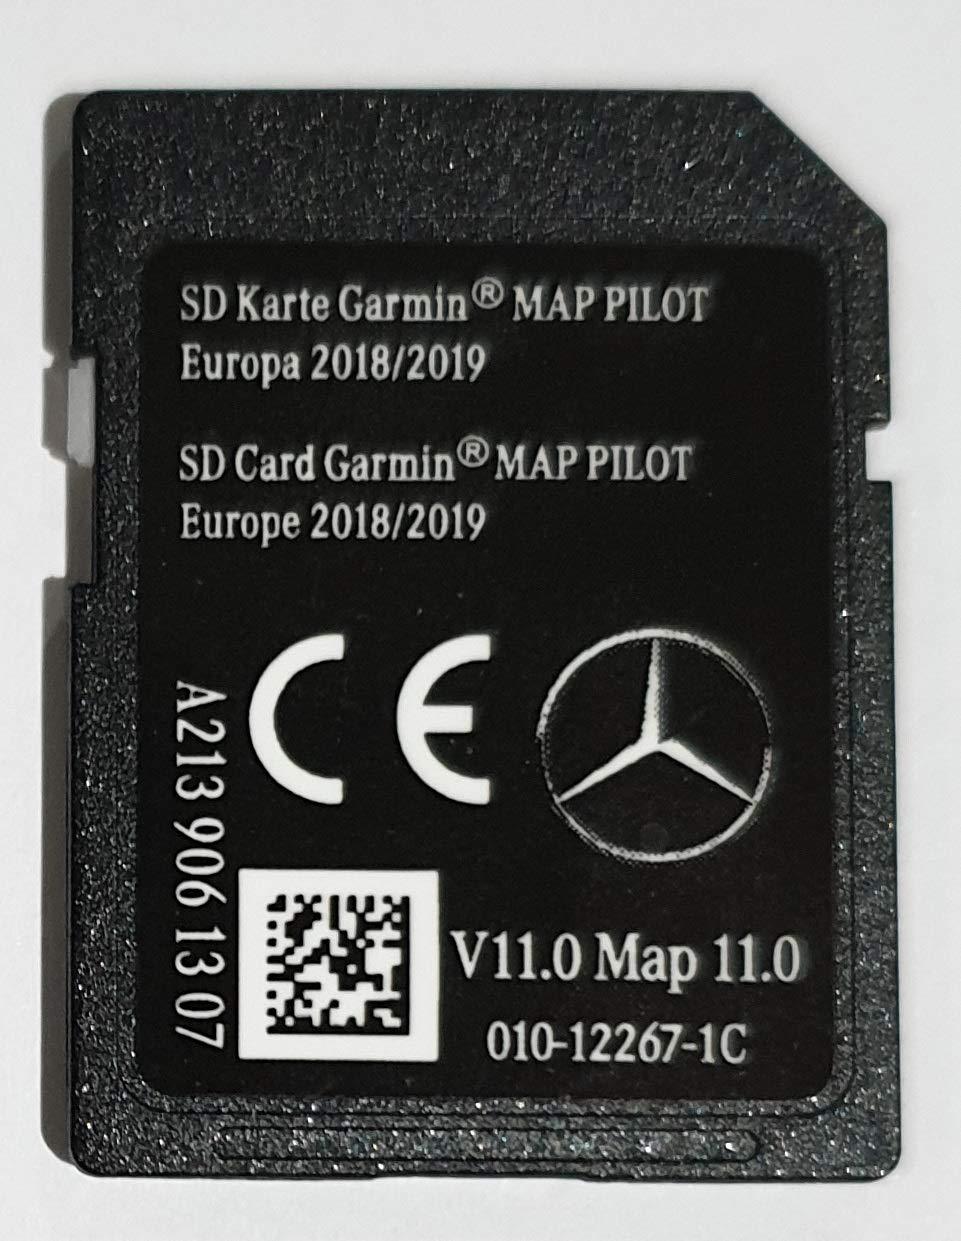 Carte SD Mercedes Garmin Map Pilot Europe 2018-2019 STAR2 A2139061307